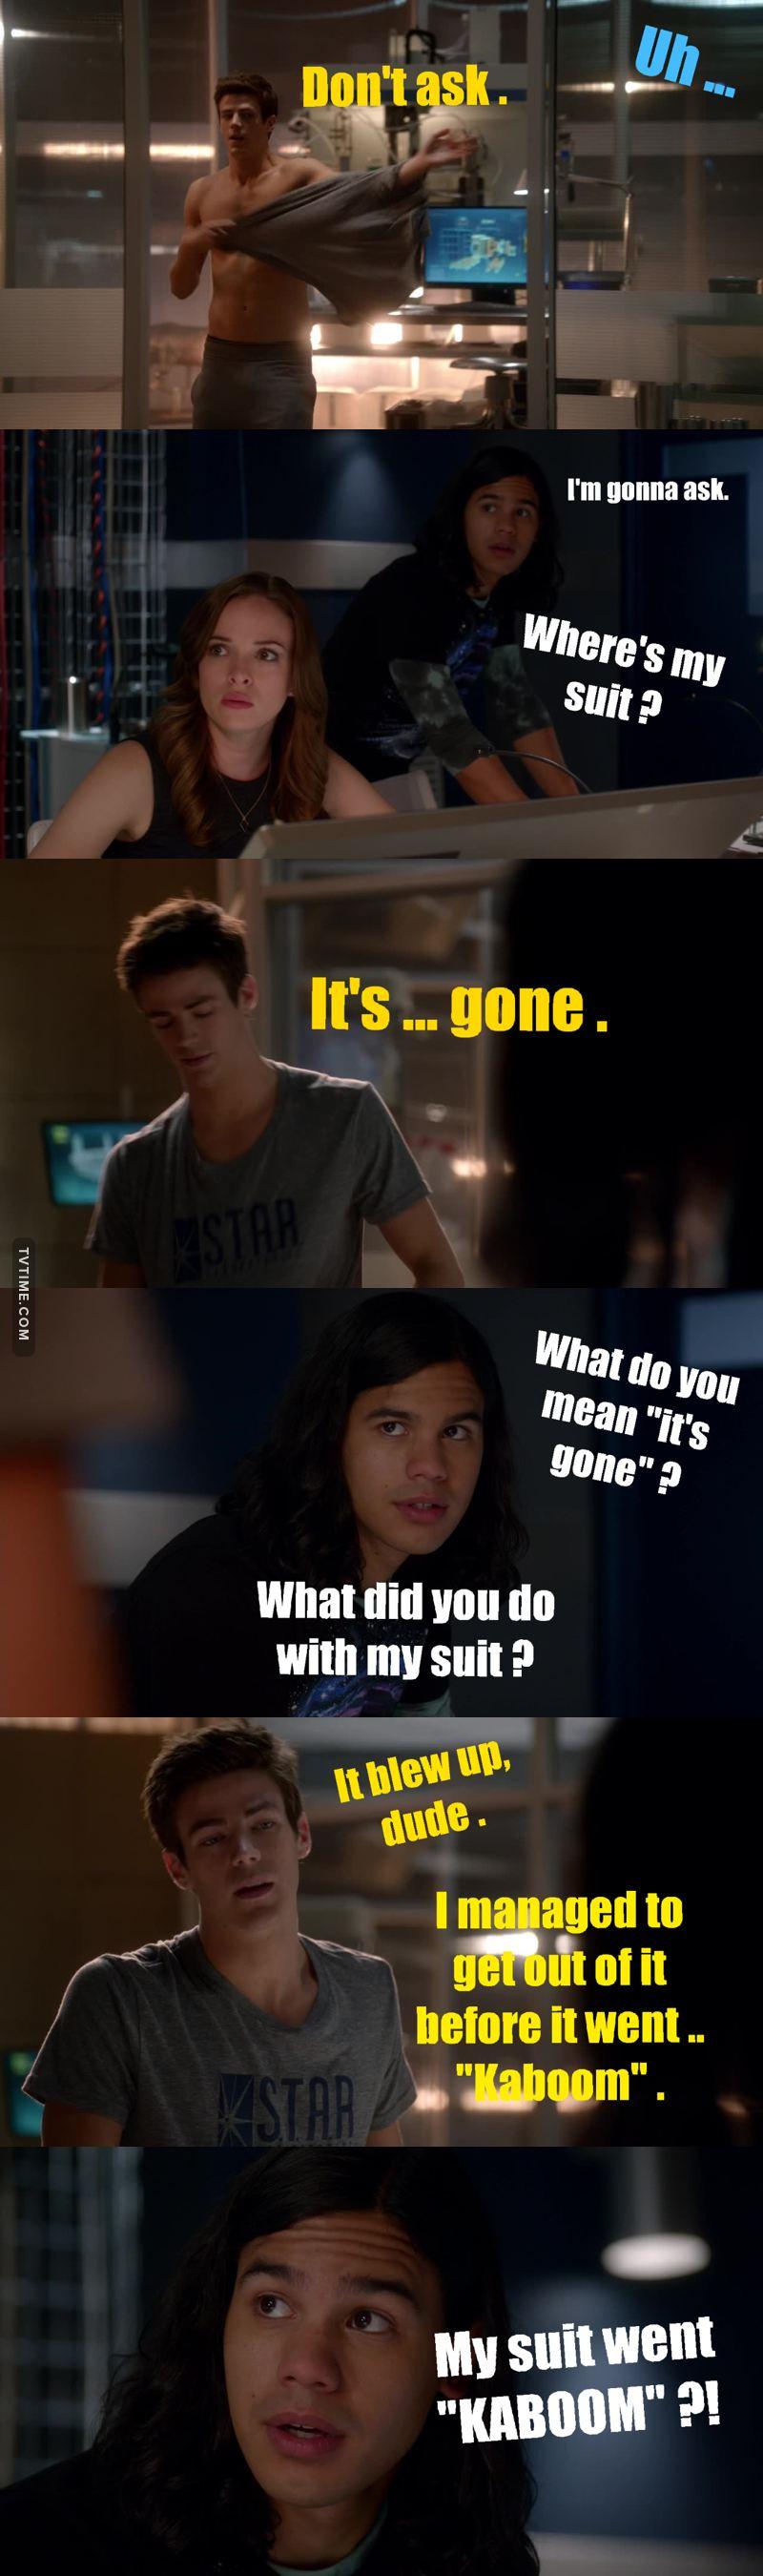 Funniest scene eveeeerrr 😂😂😂😂 !!  Cisco's reaction was priceless 👌😂